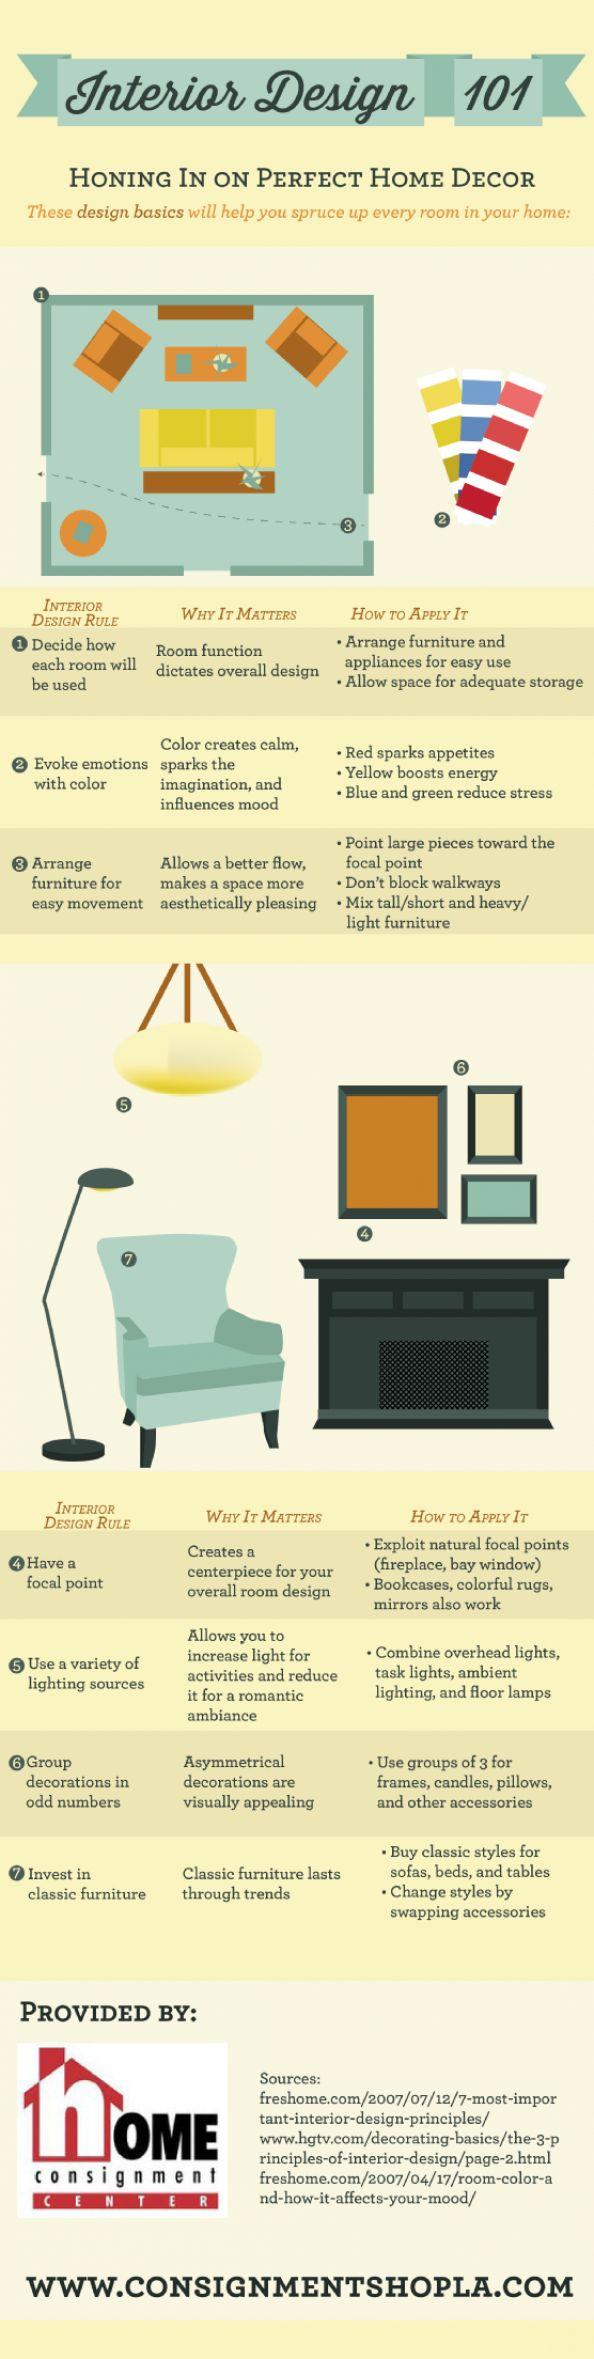 Interior Design Home Decorating 101